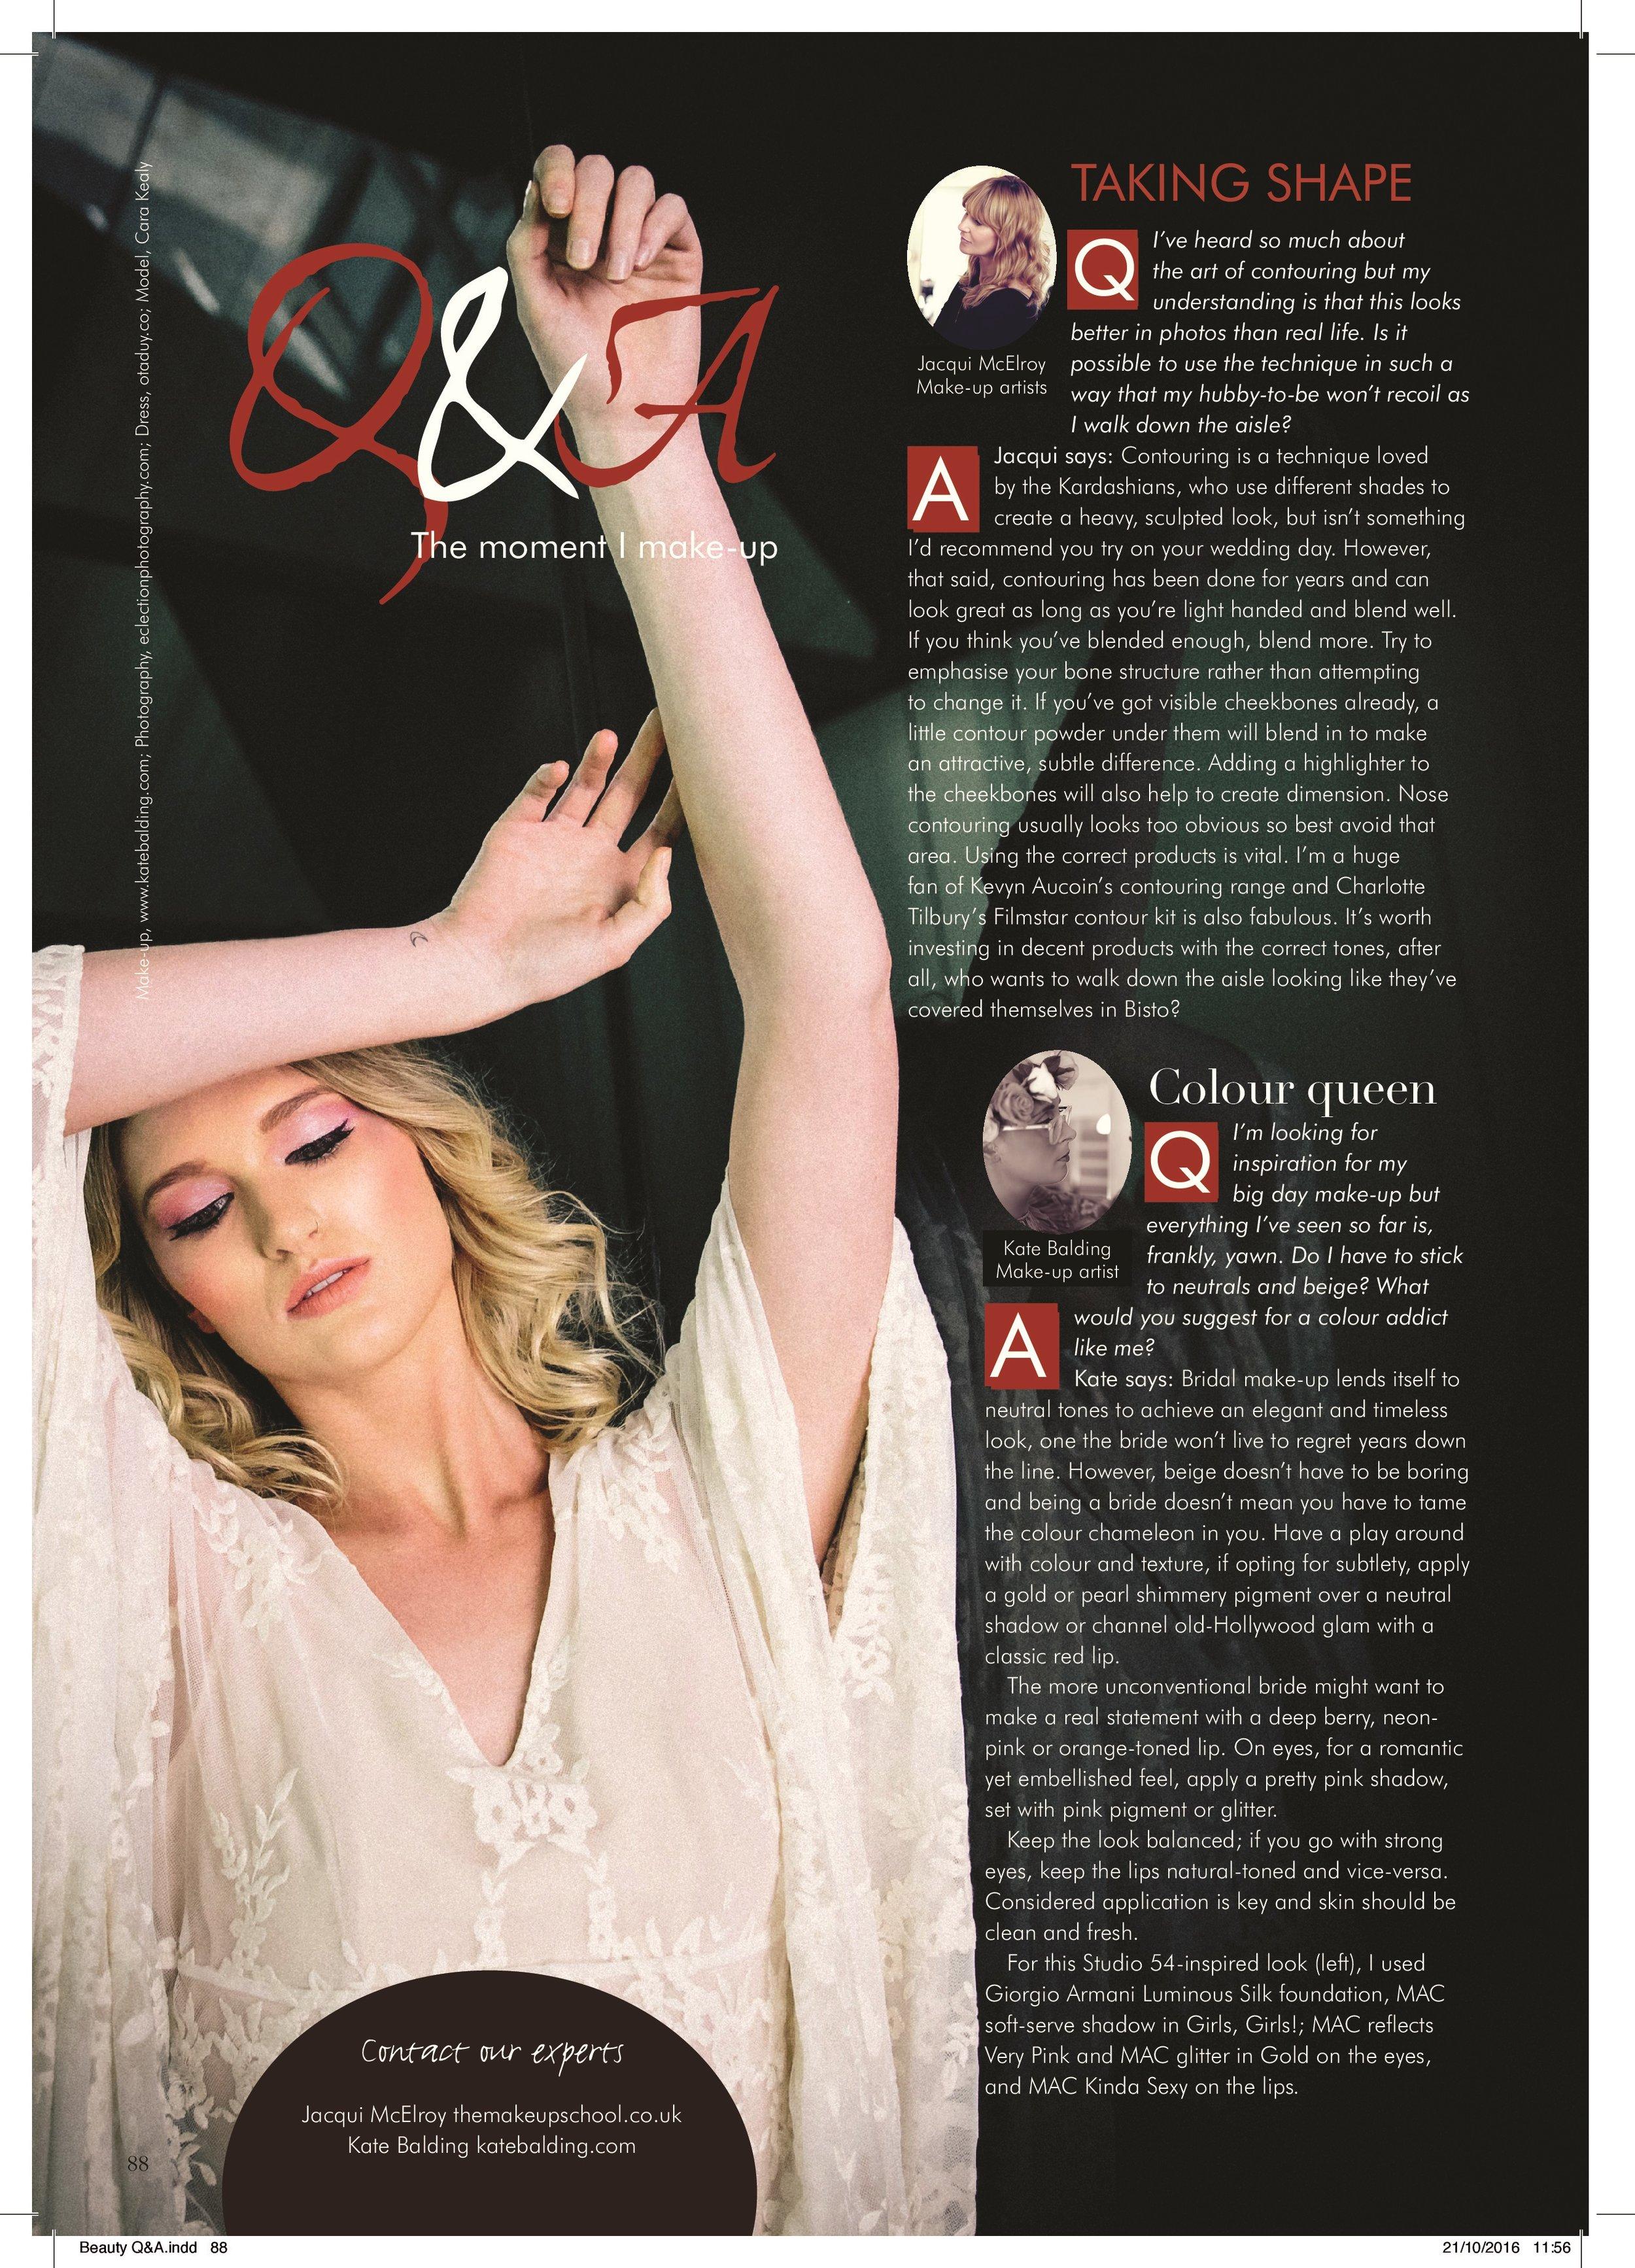 YLW50-10-088-page-0.jpg